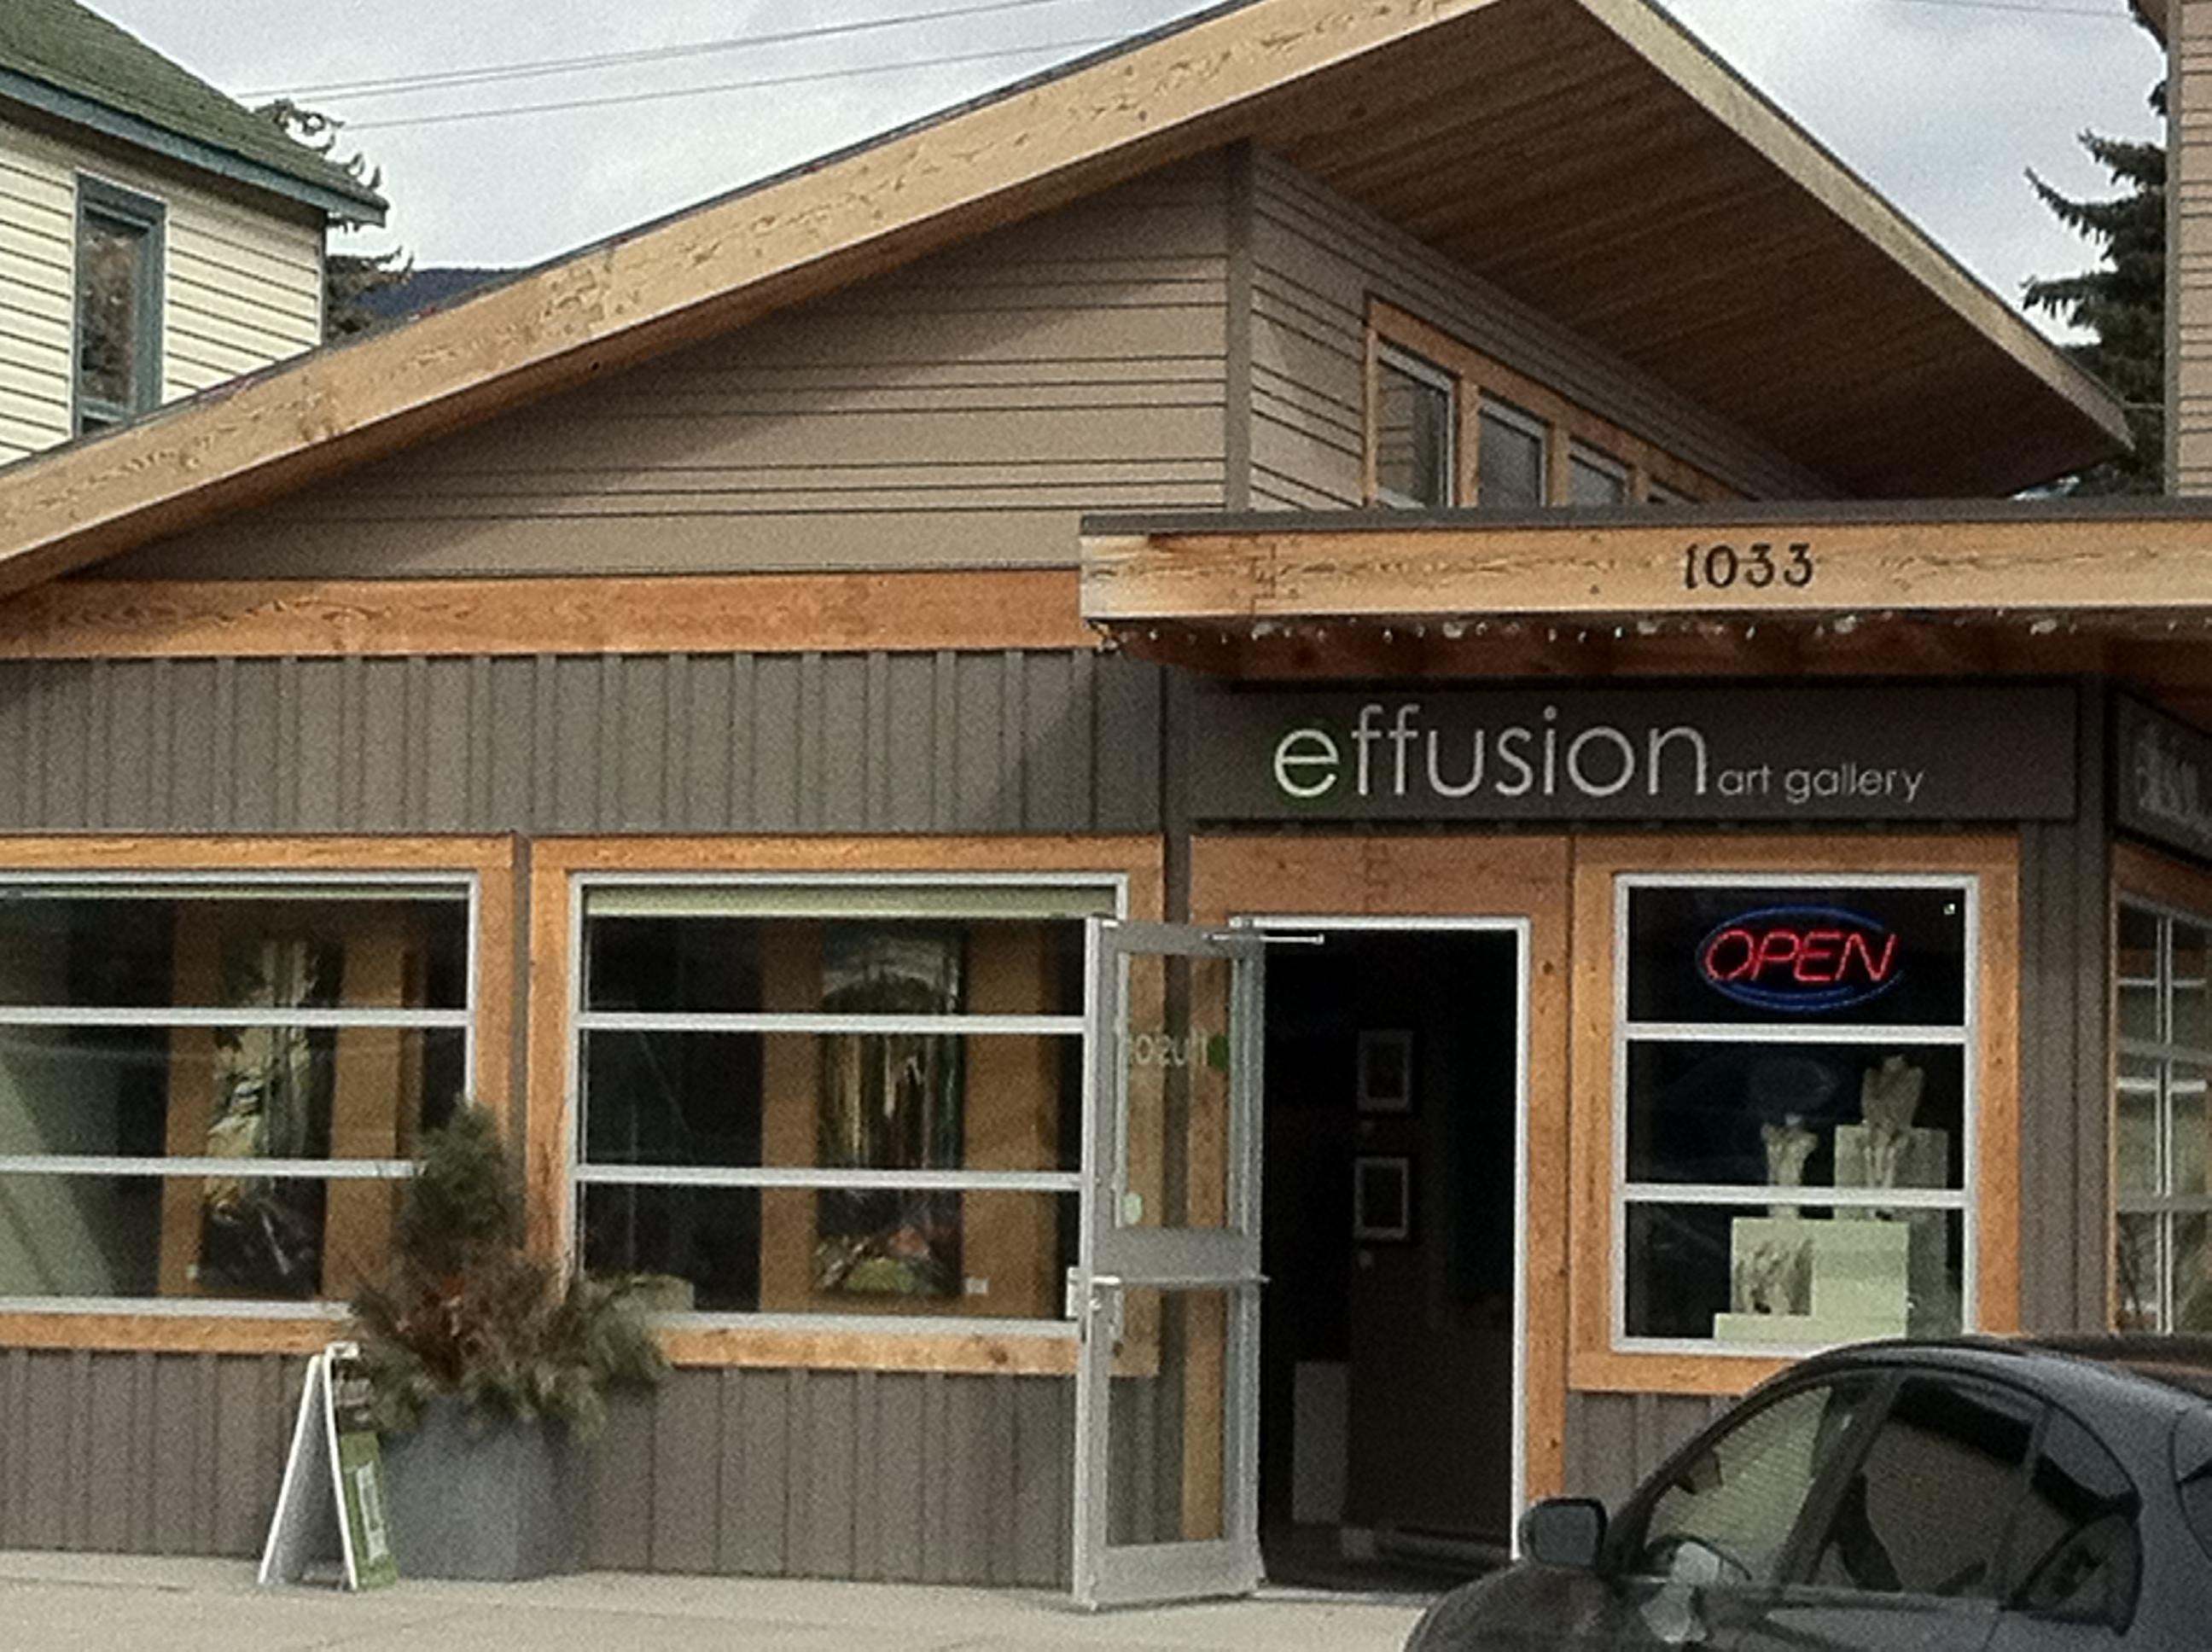 Effusion Gallery